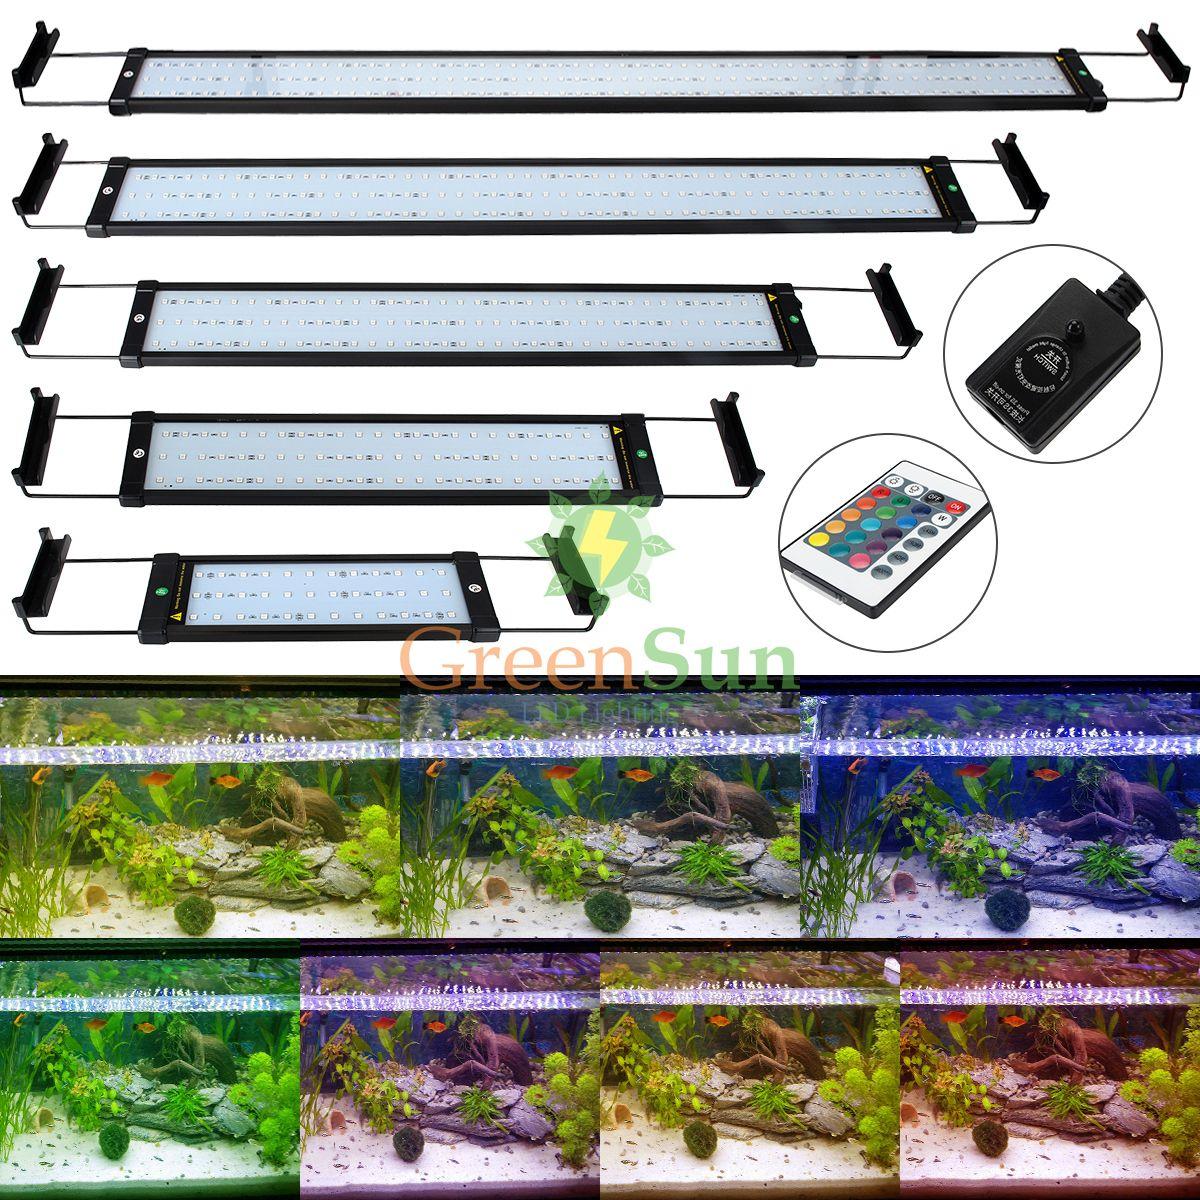 Enchufe de LA UE REINO UNIDO Enchufe LED RGB luz de Colores Acuario Pecera Tanque de peces de Acuario Decoración de Luz Clip de La Lámpara 6 W 11 W + 24Key remoto